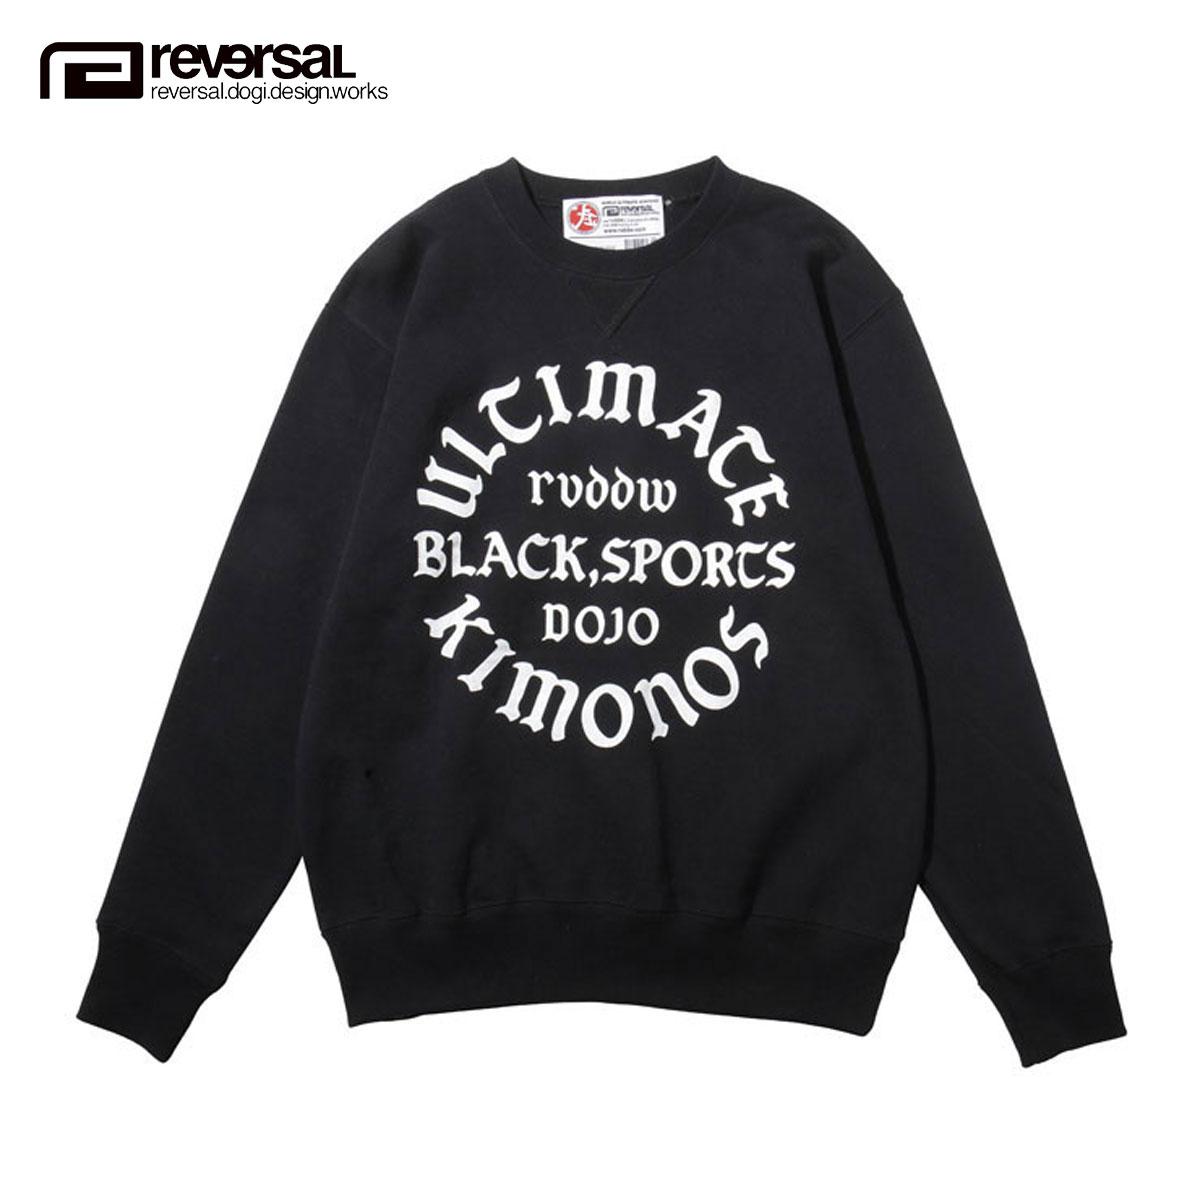 リバーサル REVERSAL 正規販売店 メンズ スウェット ULTIMATE KIMONOS CREW SWEAT rvap16aw006 APPAREL BLACK D00S20